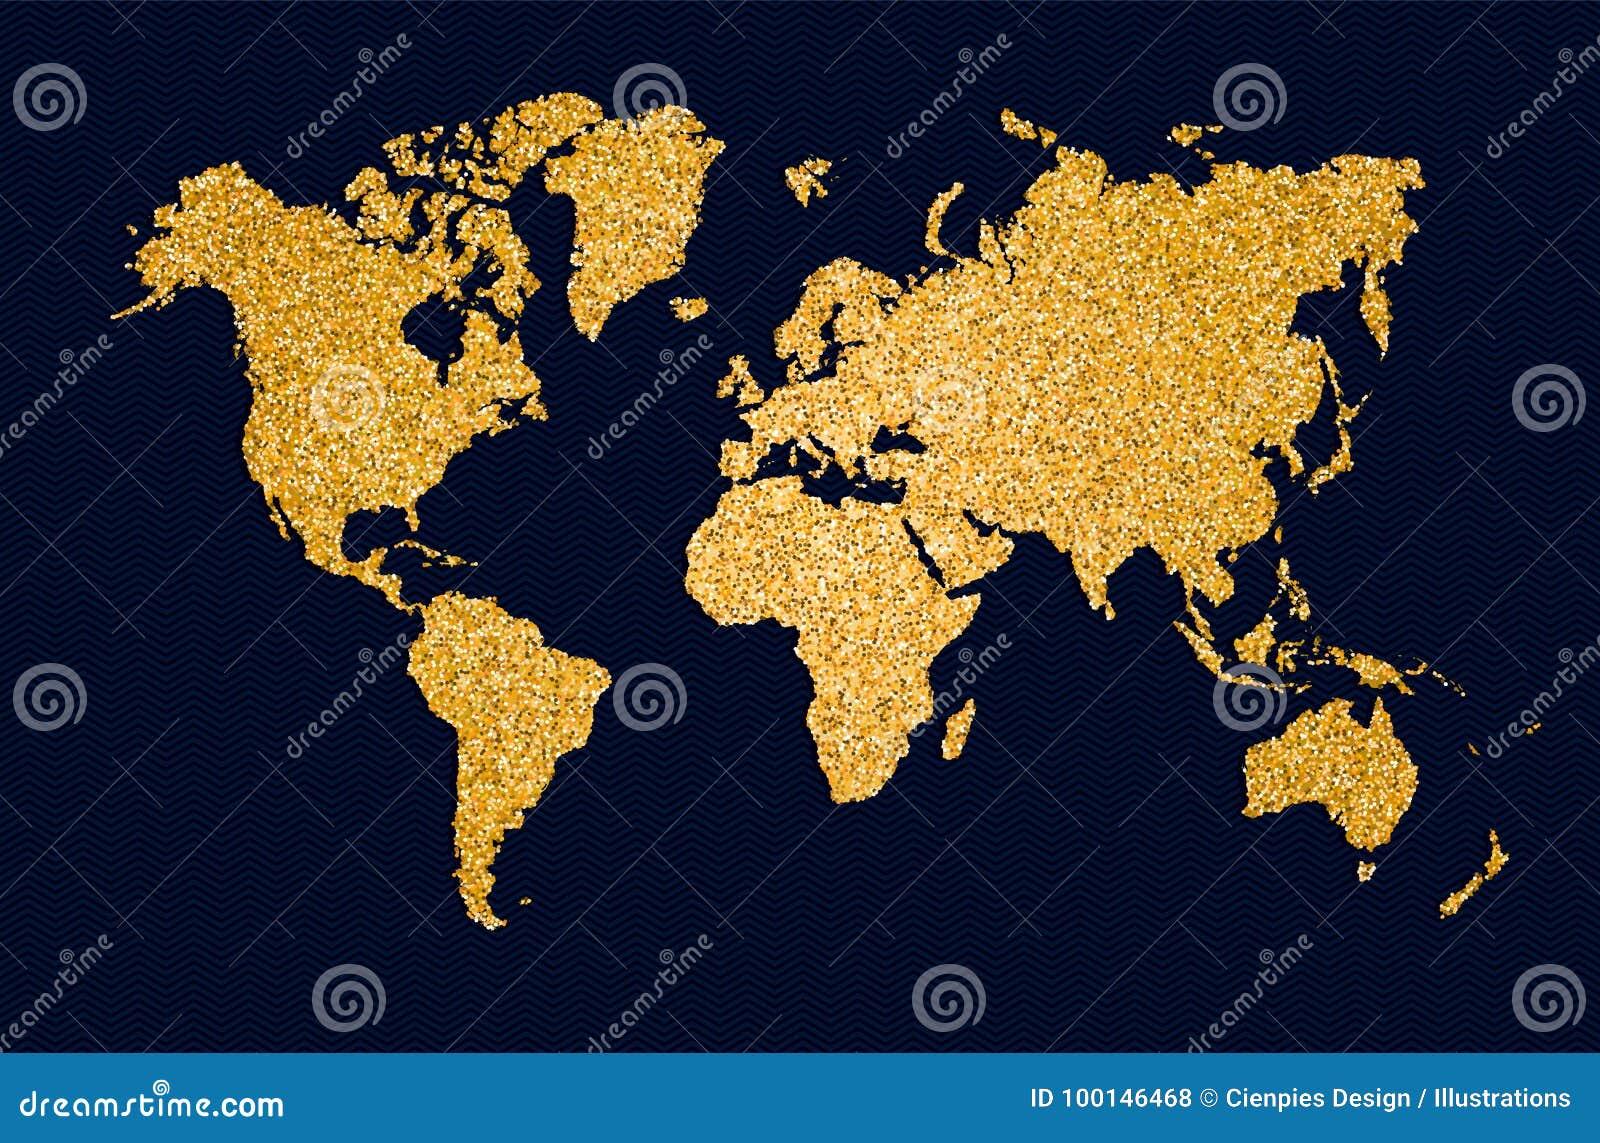 Ο χρυσός παγκόσμιων χαρτών ακτινοβολεί απεικόνιση έννοιας τέχνης